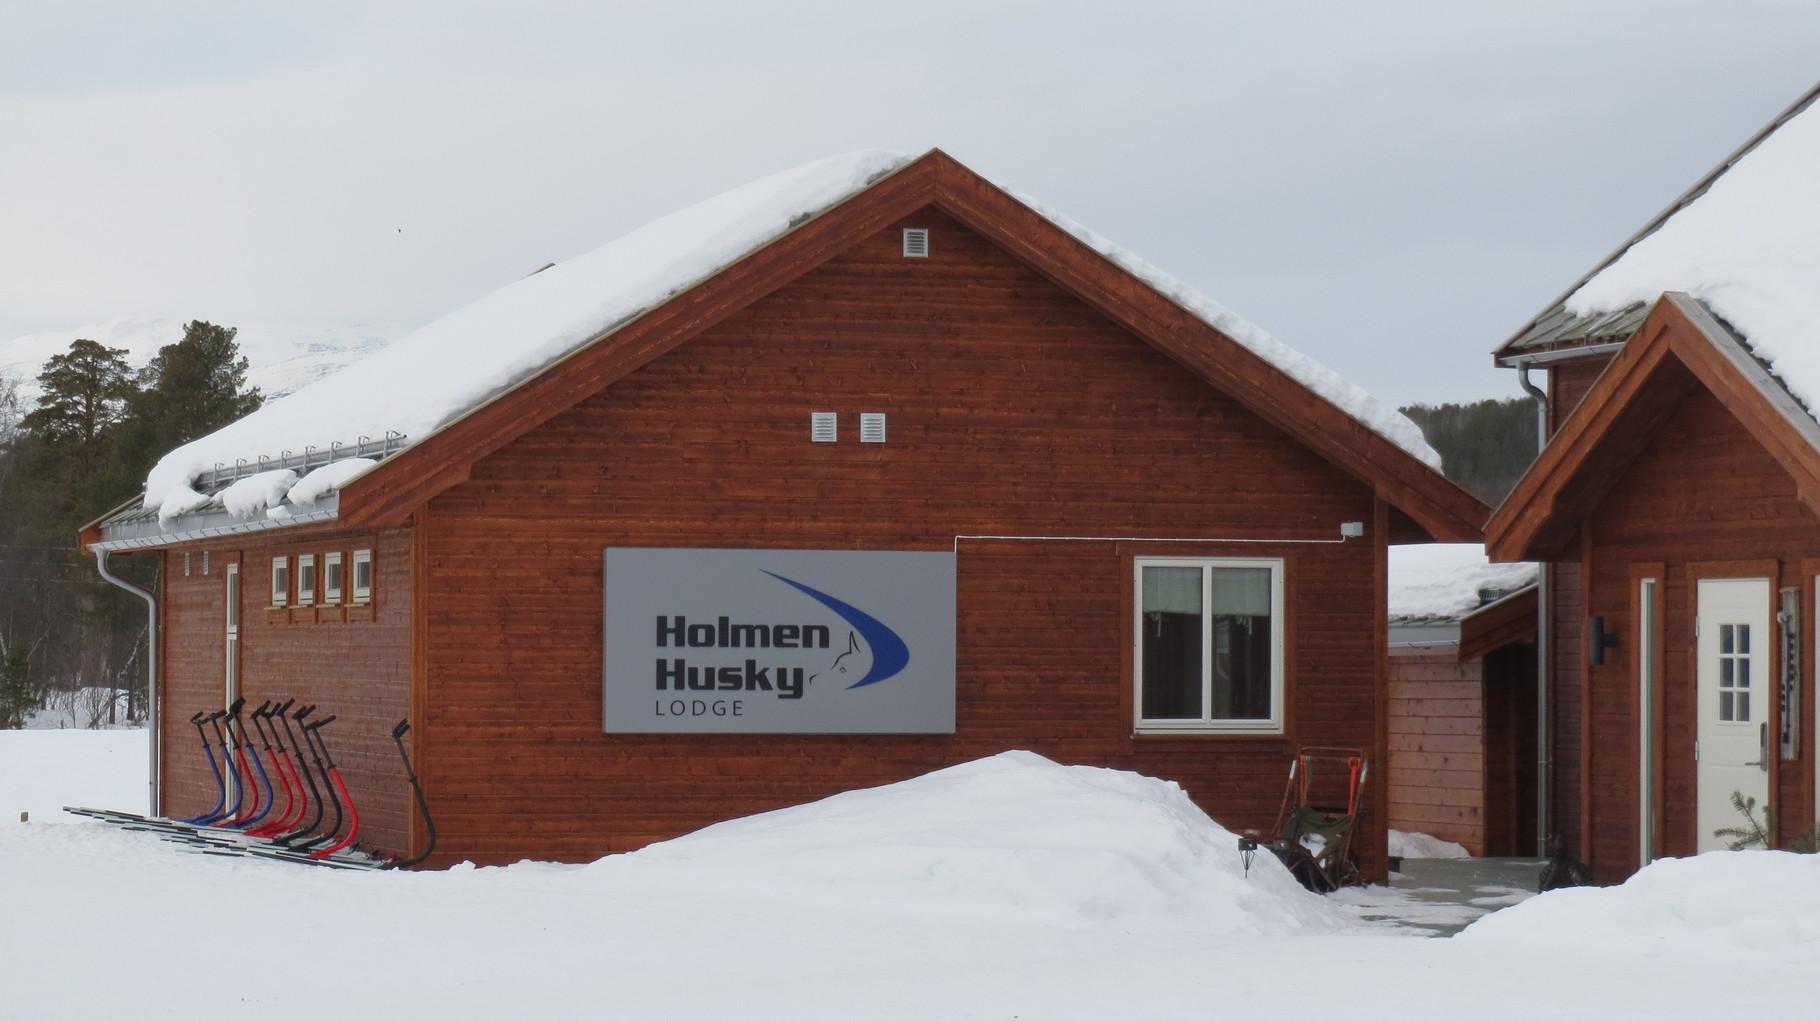 Doch dann schnell weiter zur Hauptattraktion - dem Schlittenhundfahren auf der Holmen Husky Lodge.